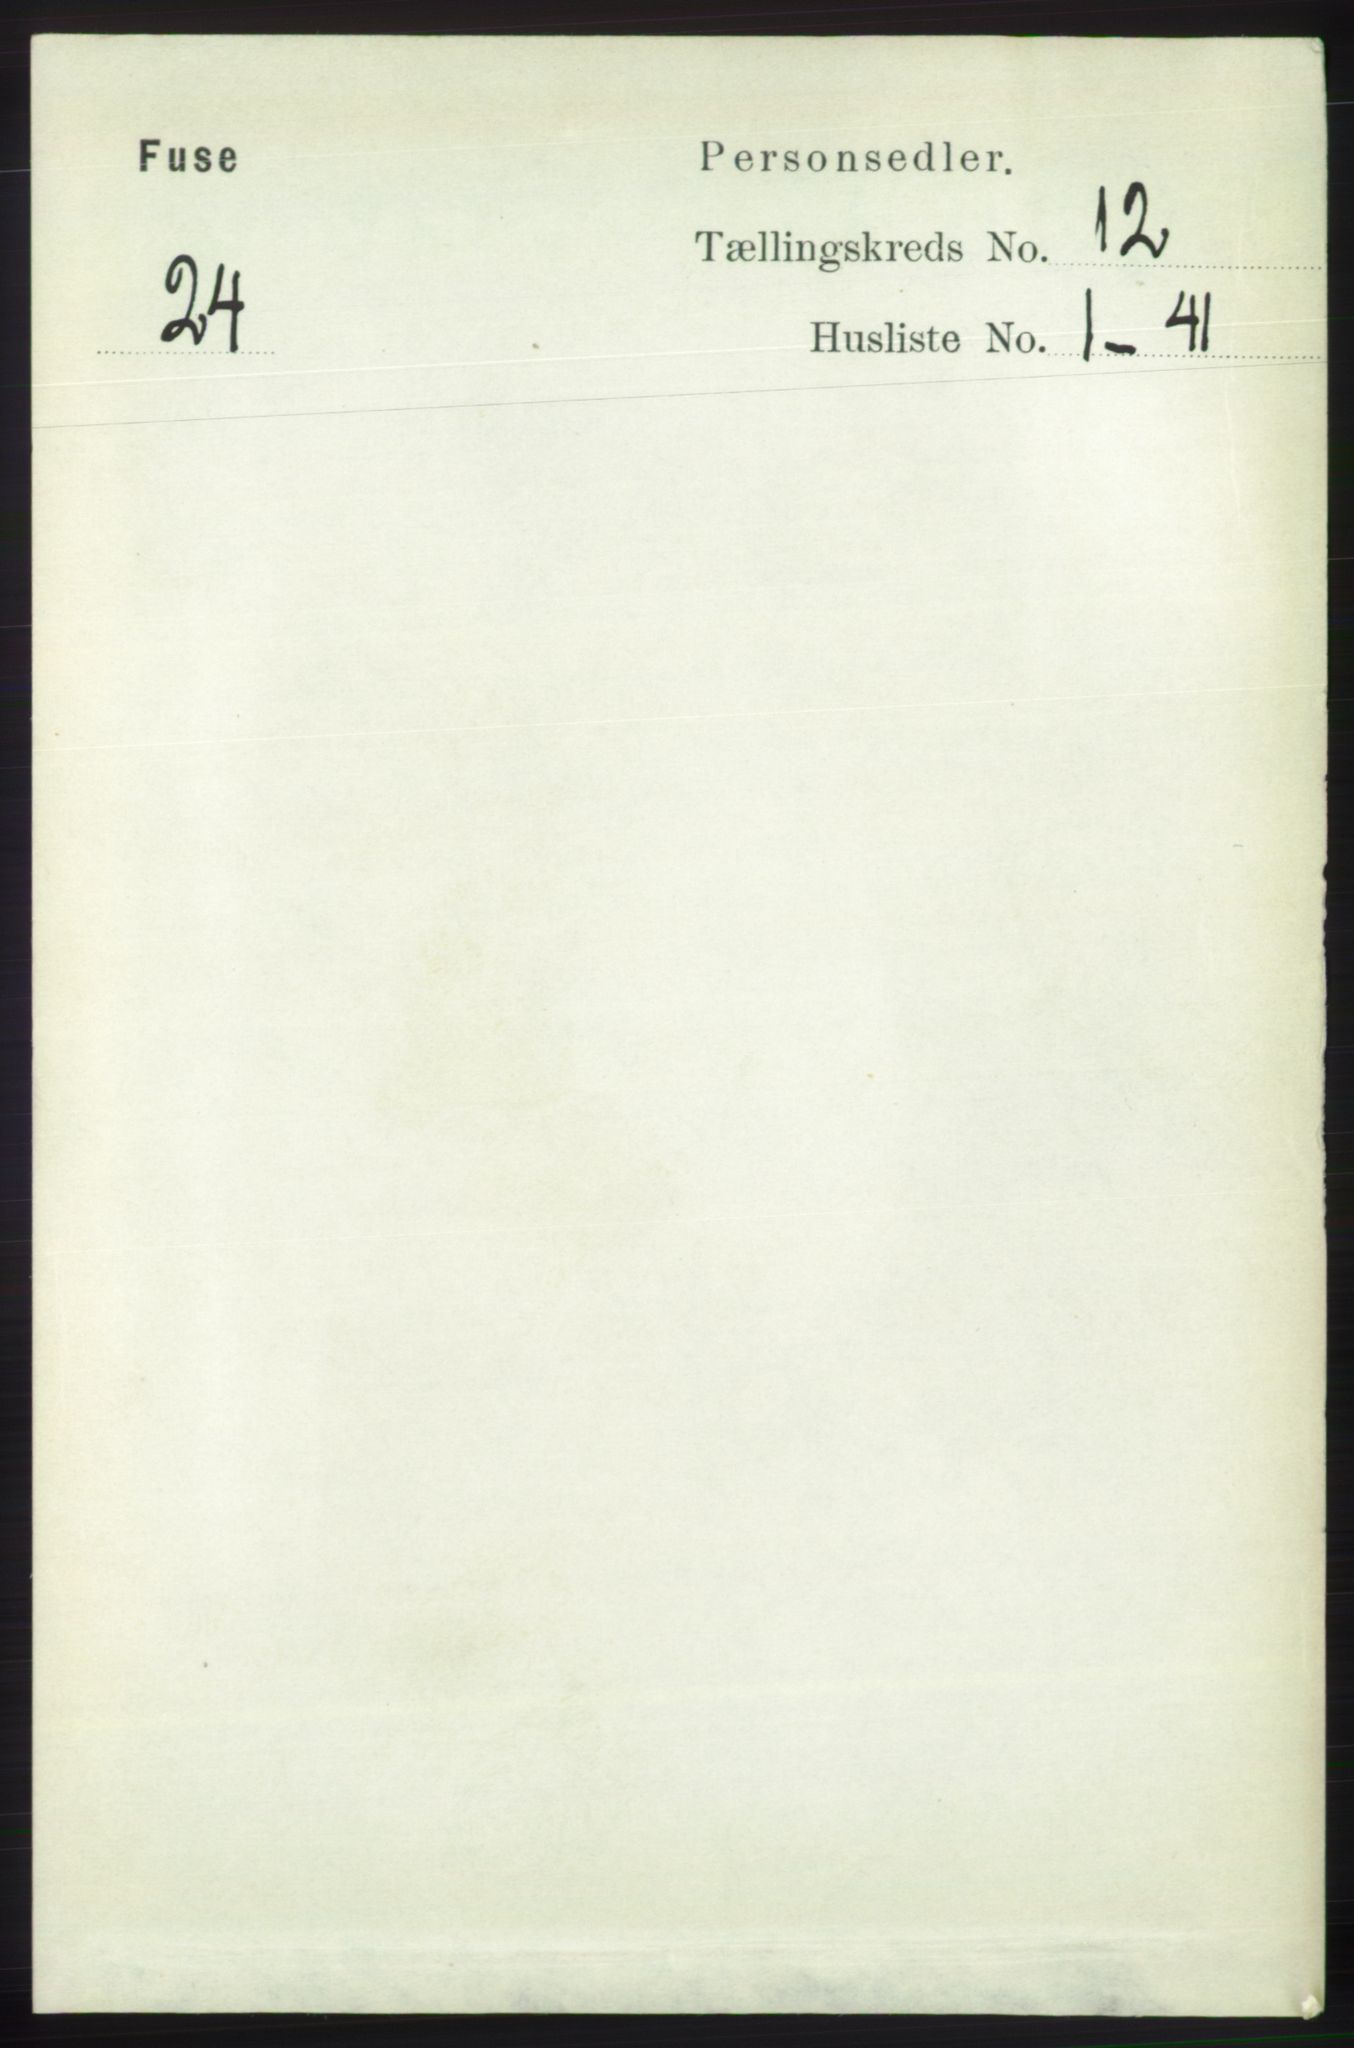 RA, Folketelling 1891 for 1241 Fusa herred, 1891, s. 2372